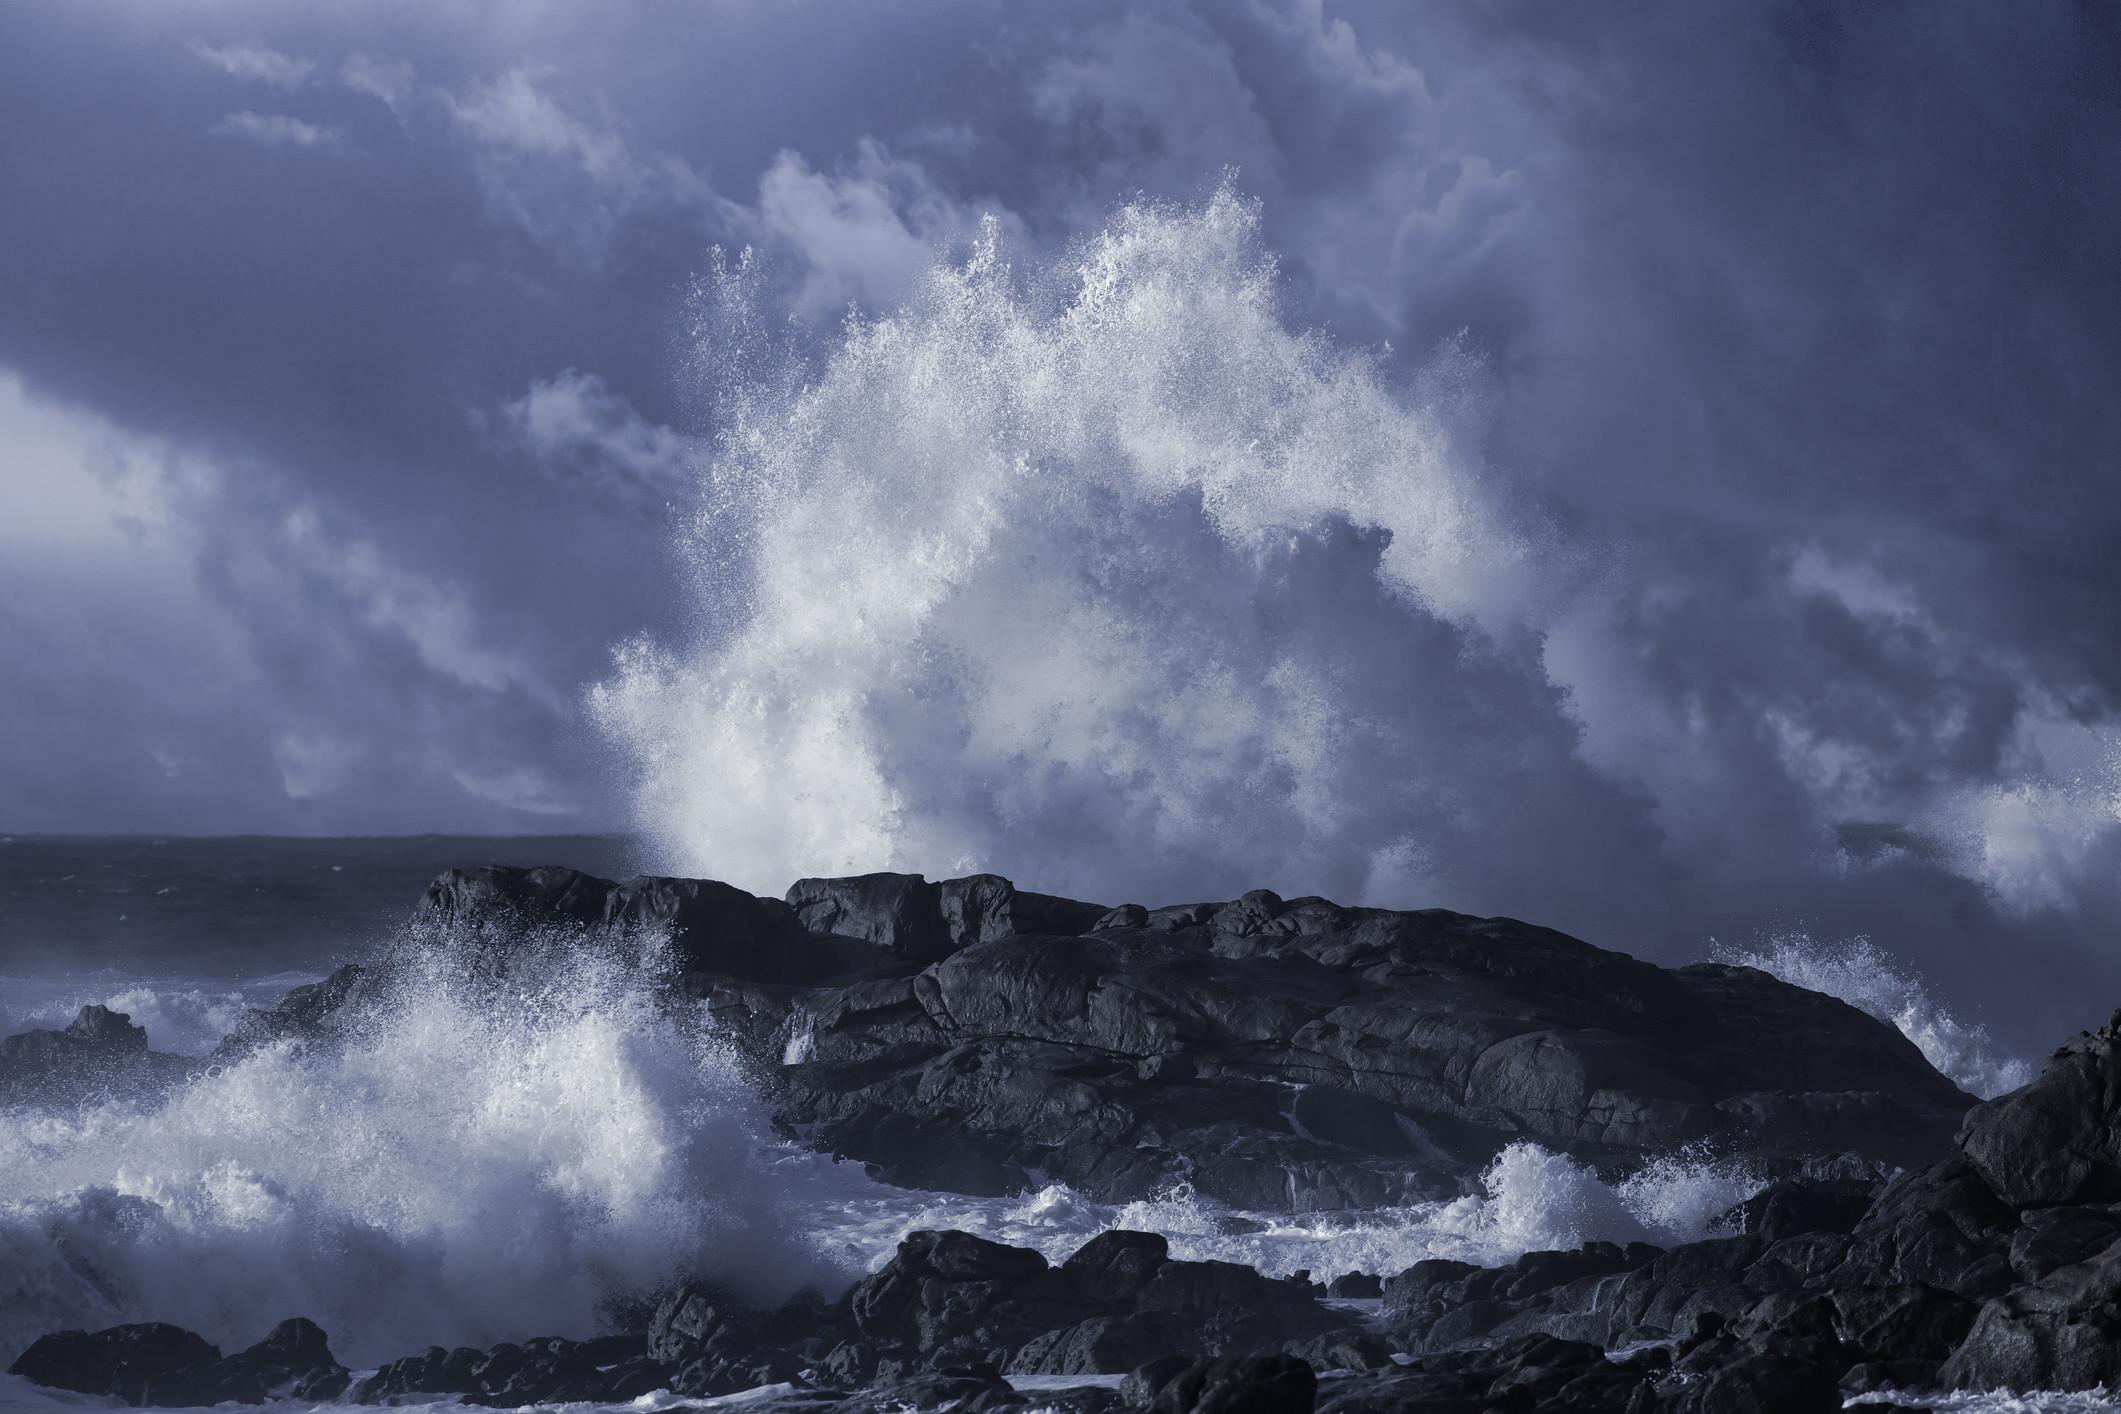 Segundo navio está a ser socorrido ao largo da costa da Noruega